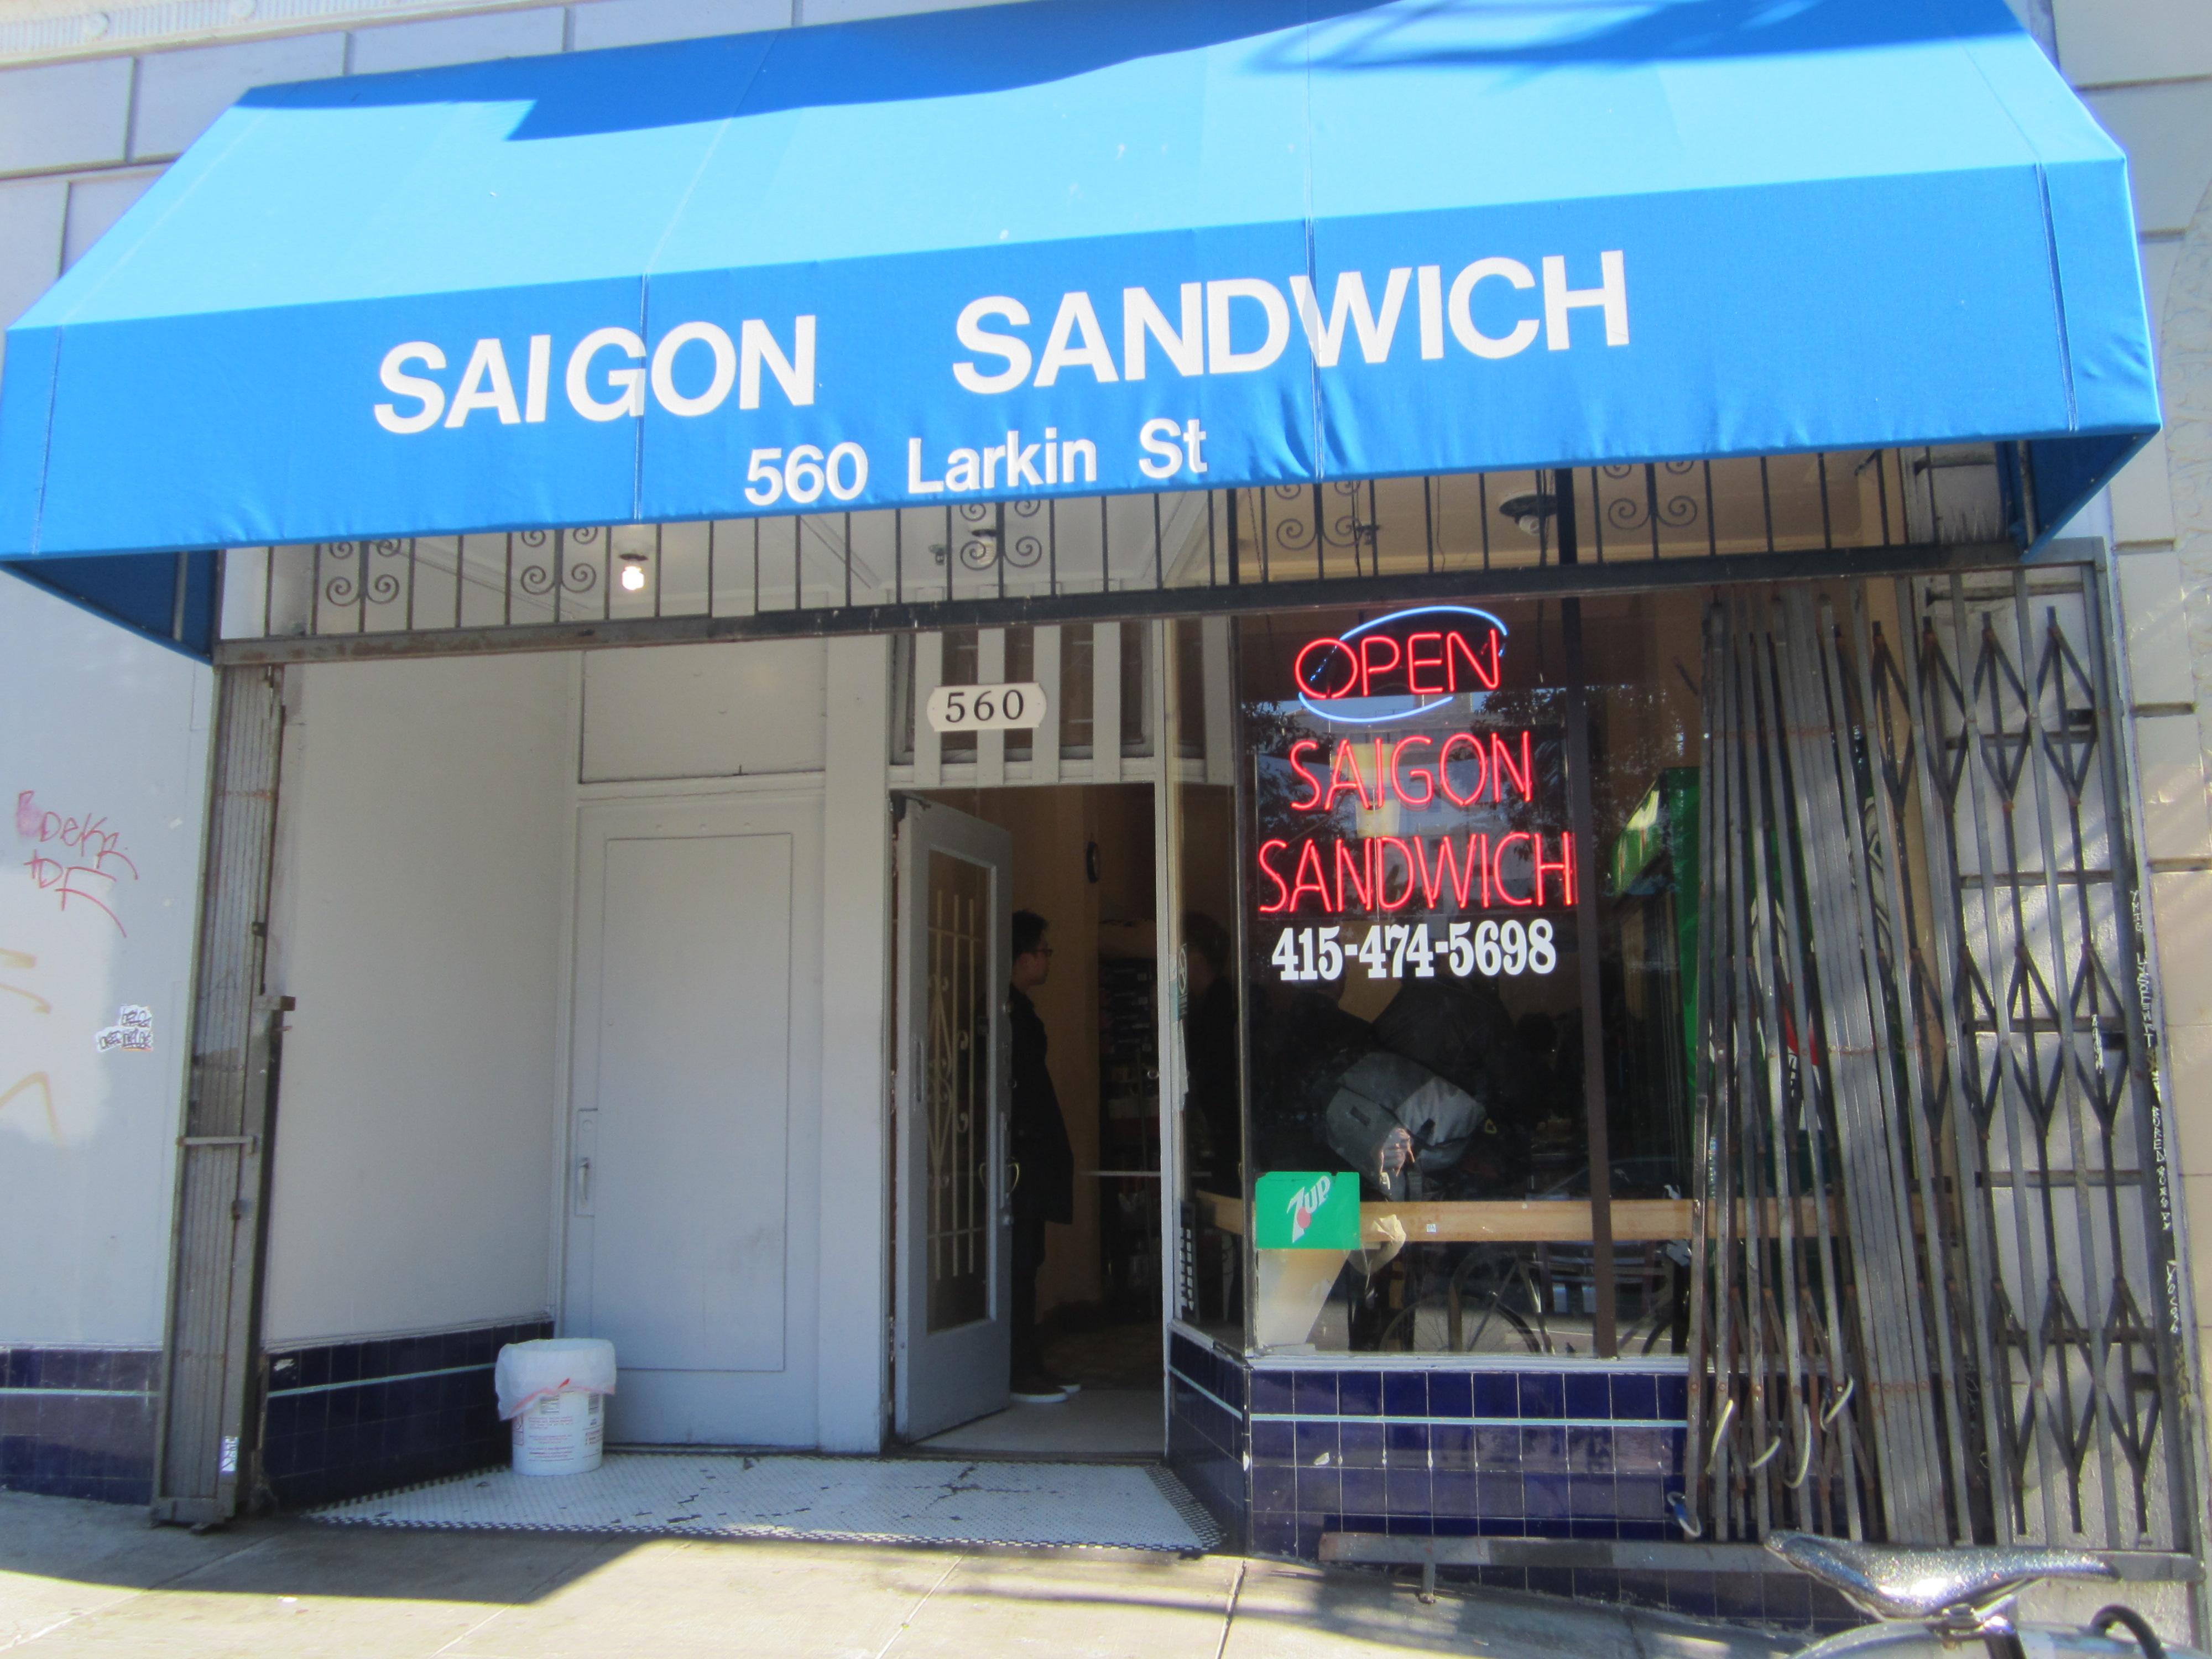 Food Review: Saigon Sandwich